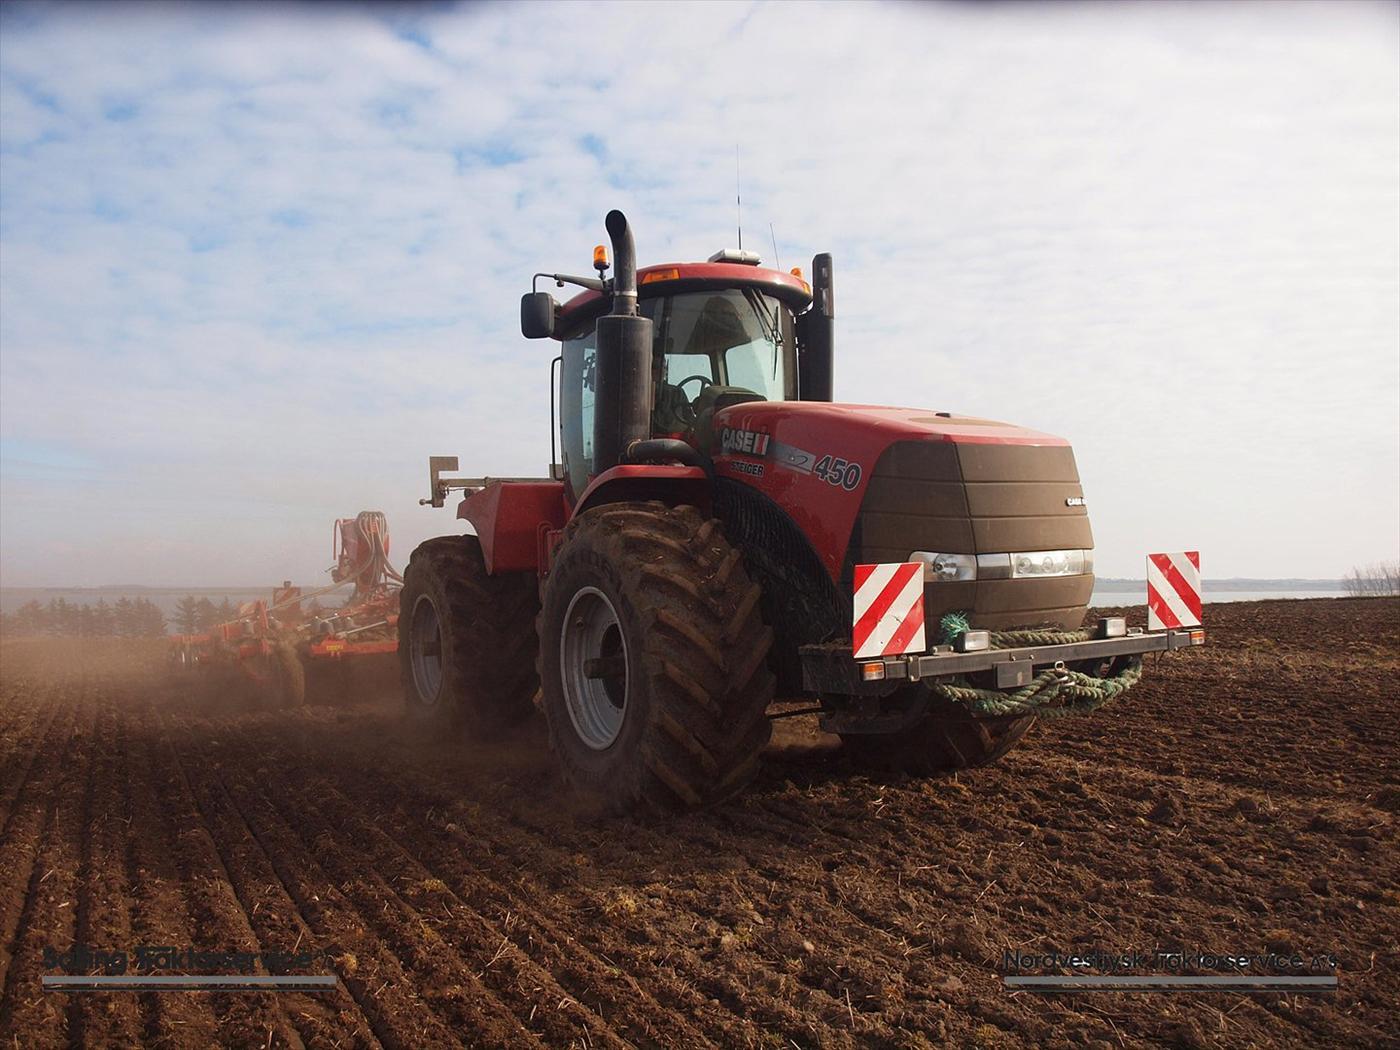 Salling Traktorservice samt Nordvestjysk Traktorservice billede 2